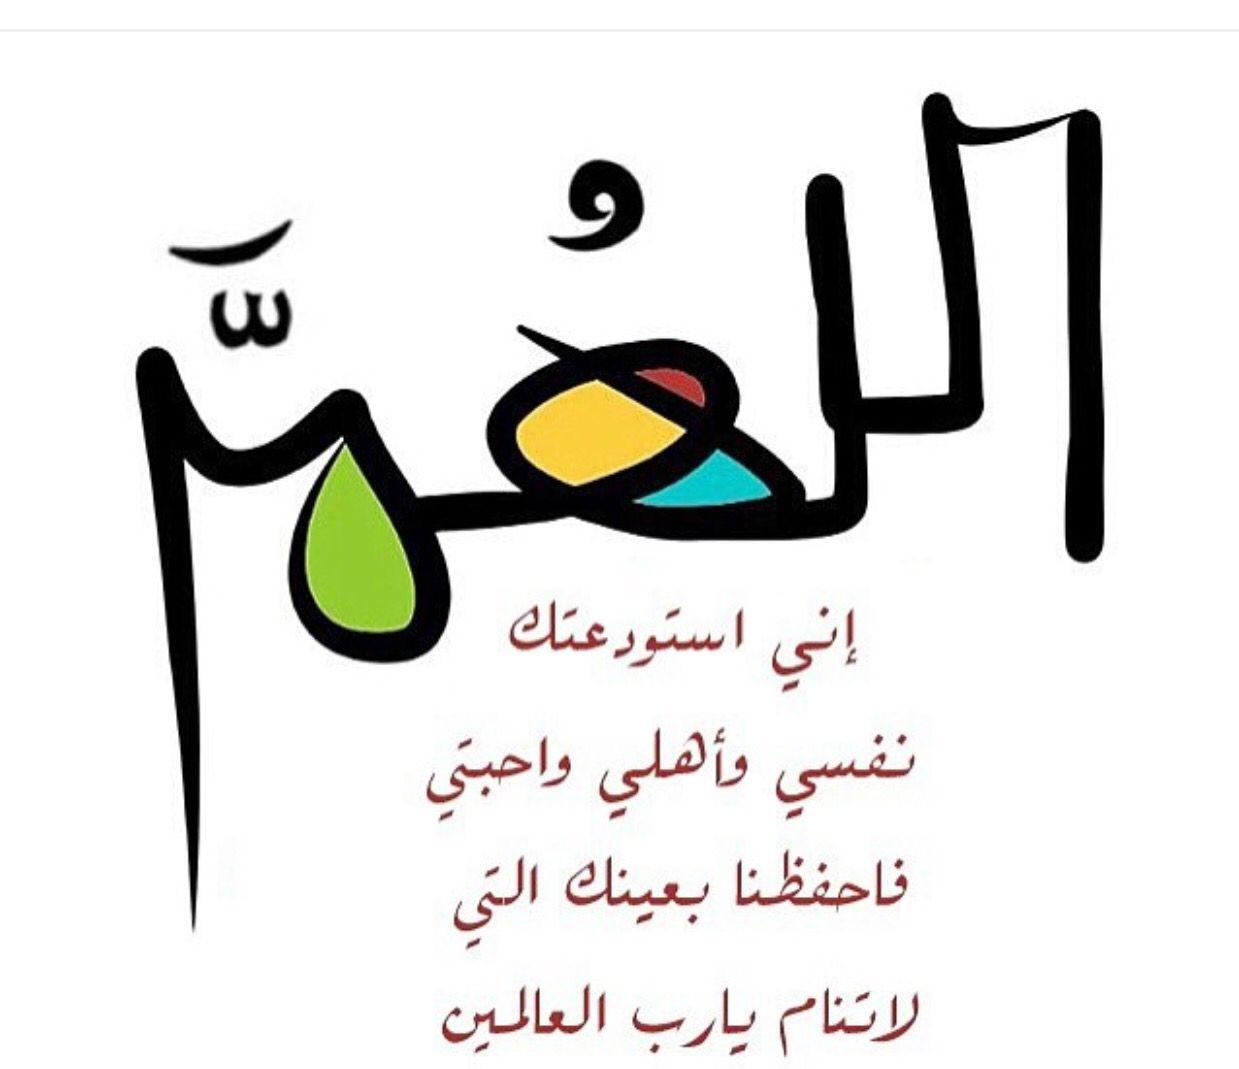 اللهم استودعتك نفسي ووالدي وزوجي وأولادي وأهلي وأحبابي Words My Love Islam